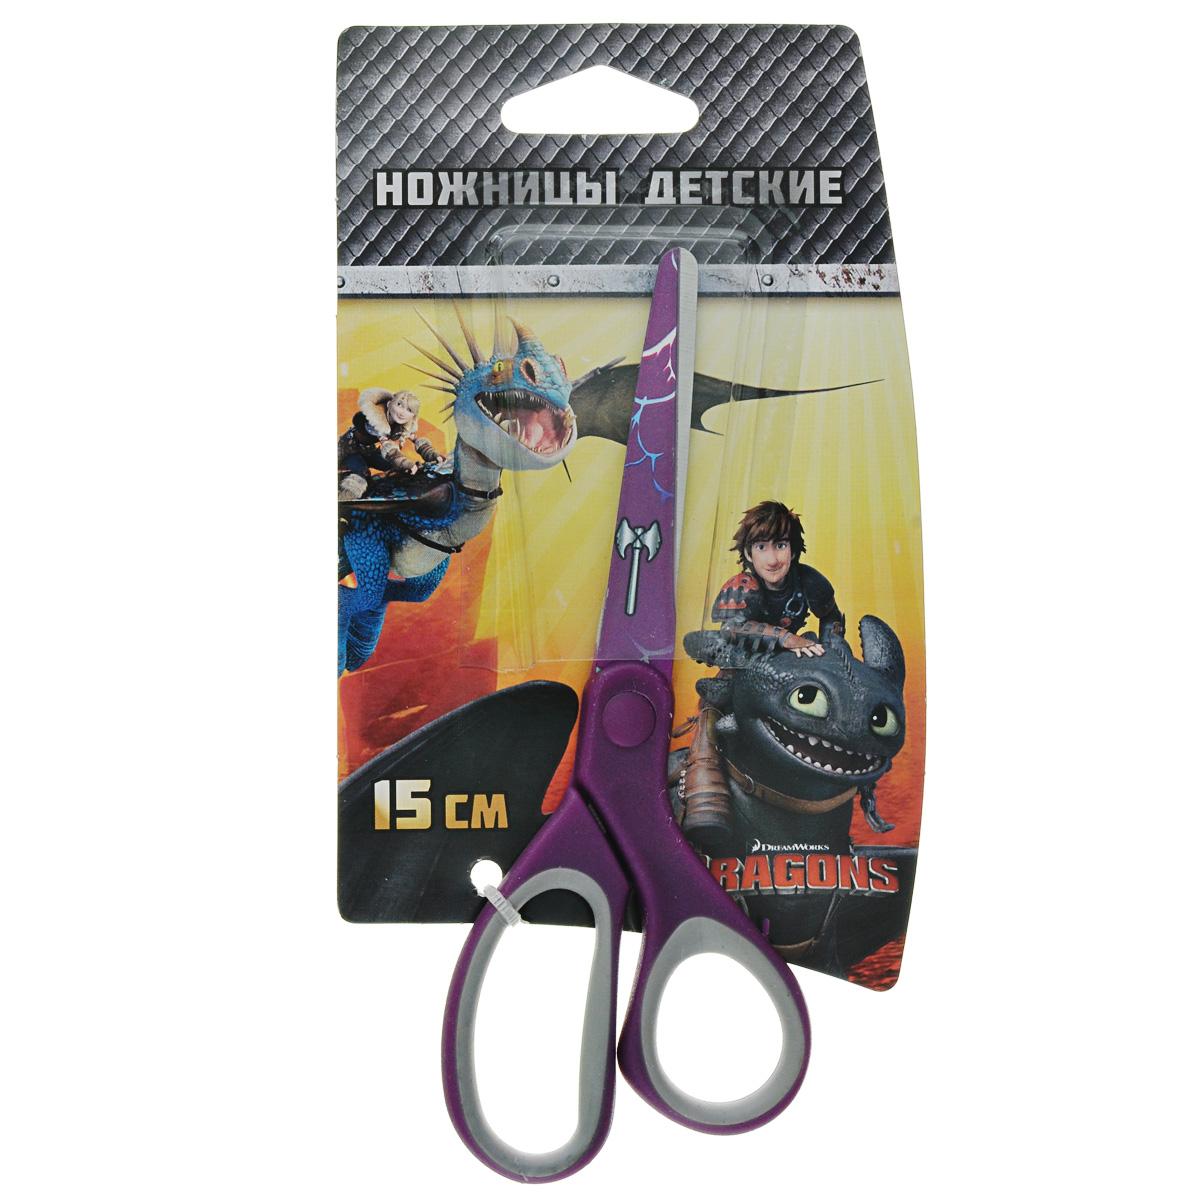 Ножницы детские Action Dragons, цвет: фиолетовый, 15 смC37329/DR-ASC265_фиолетовыйДетские ножницы Action Dragons с безопасными закругленными лезвиями изготовлены из высококачественной нержавеющей стали. Лезвия с наружной стороны оформлены декоративным рисунком. Облегченные ручки ножниц адаптированы для детской руки.Вашему ребенку будет настоящим удовольствием делать с ножницами Action Dragons различные аппликации из бумаги или других материалов.